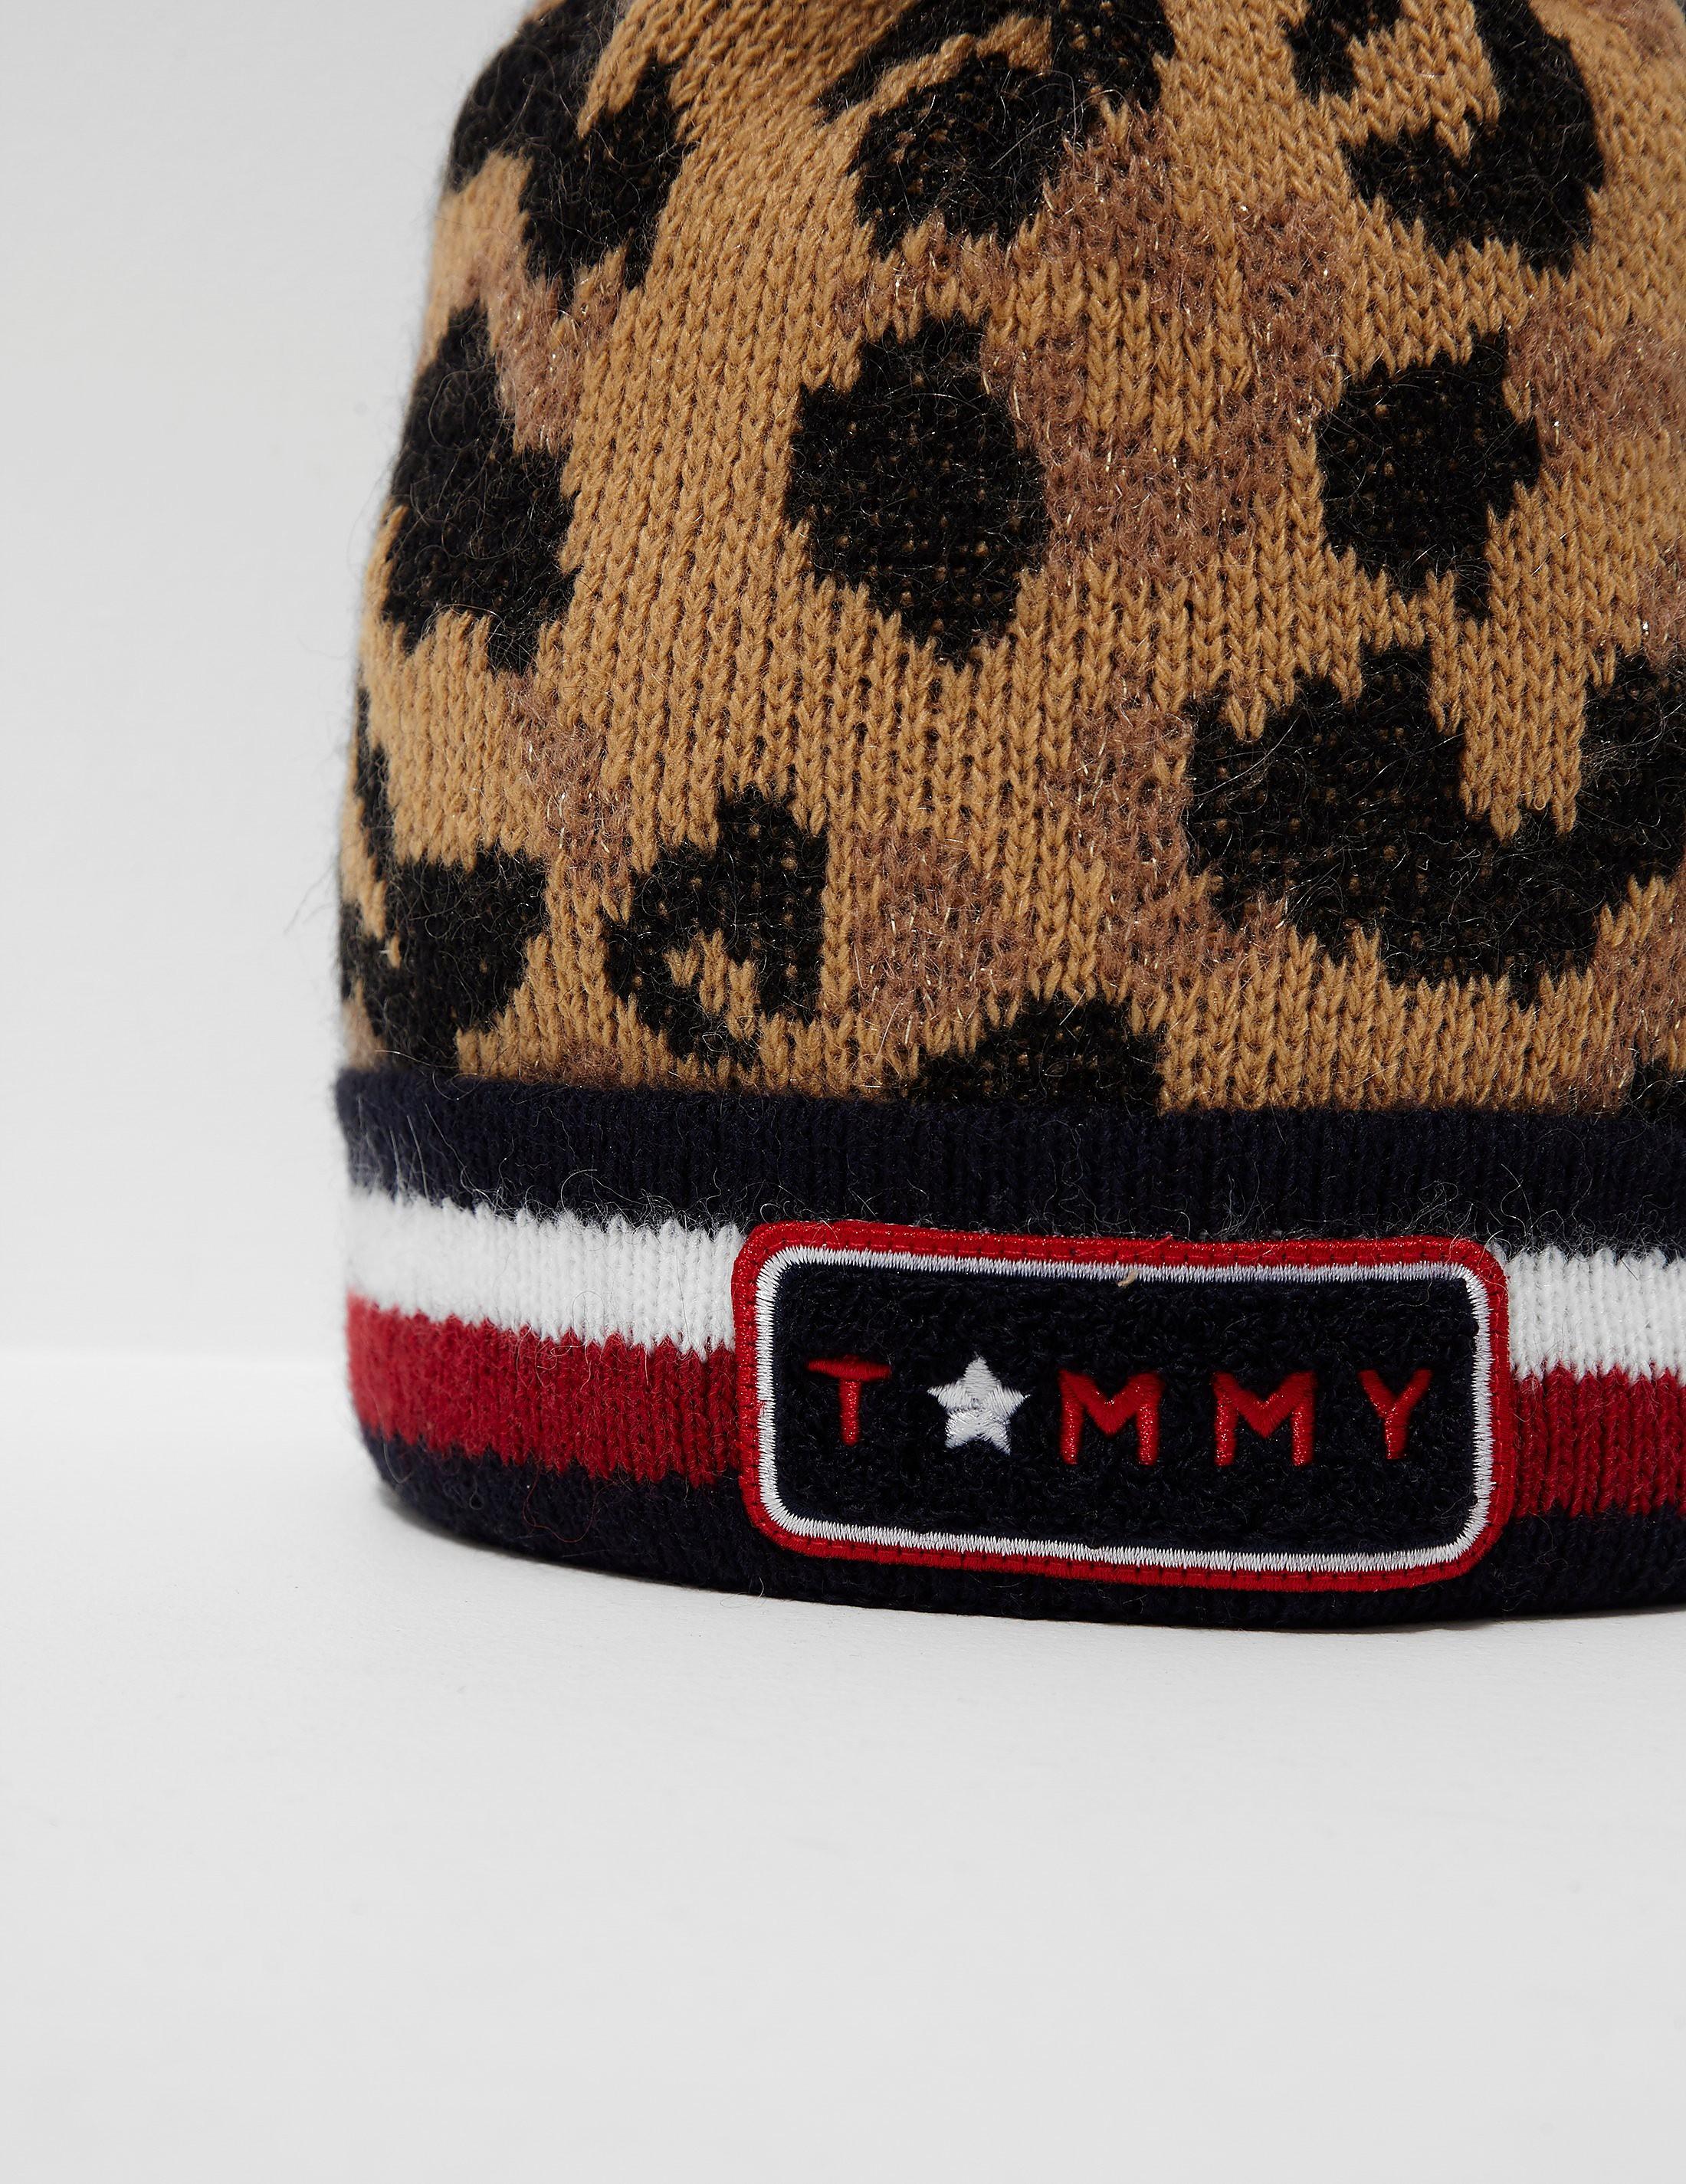 Tommy Hilfiger Pattern Beanie